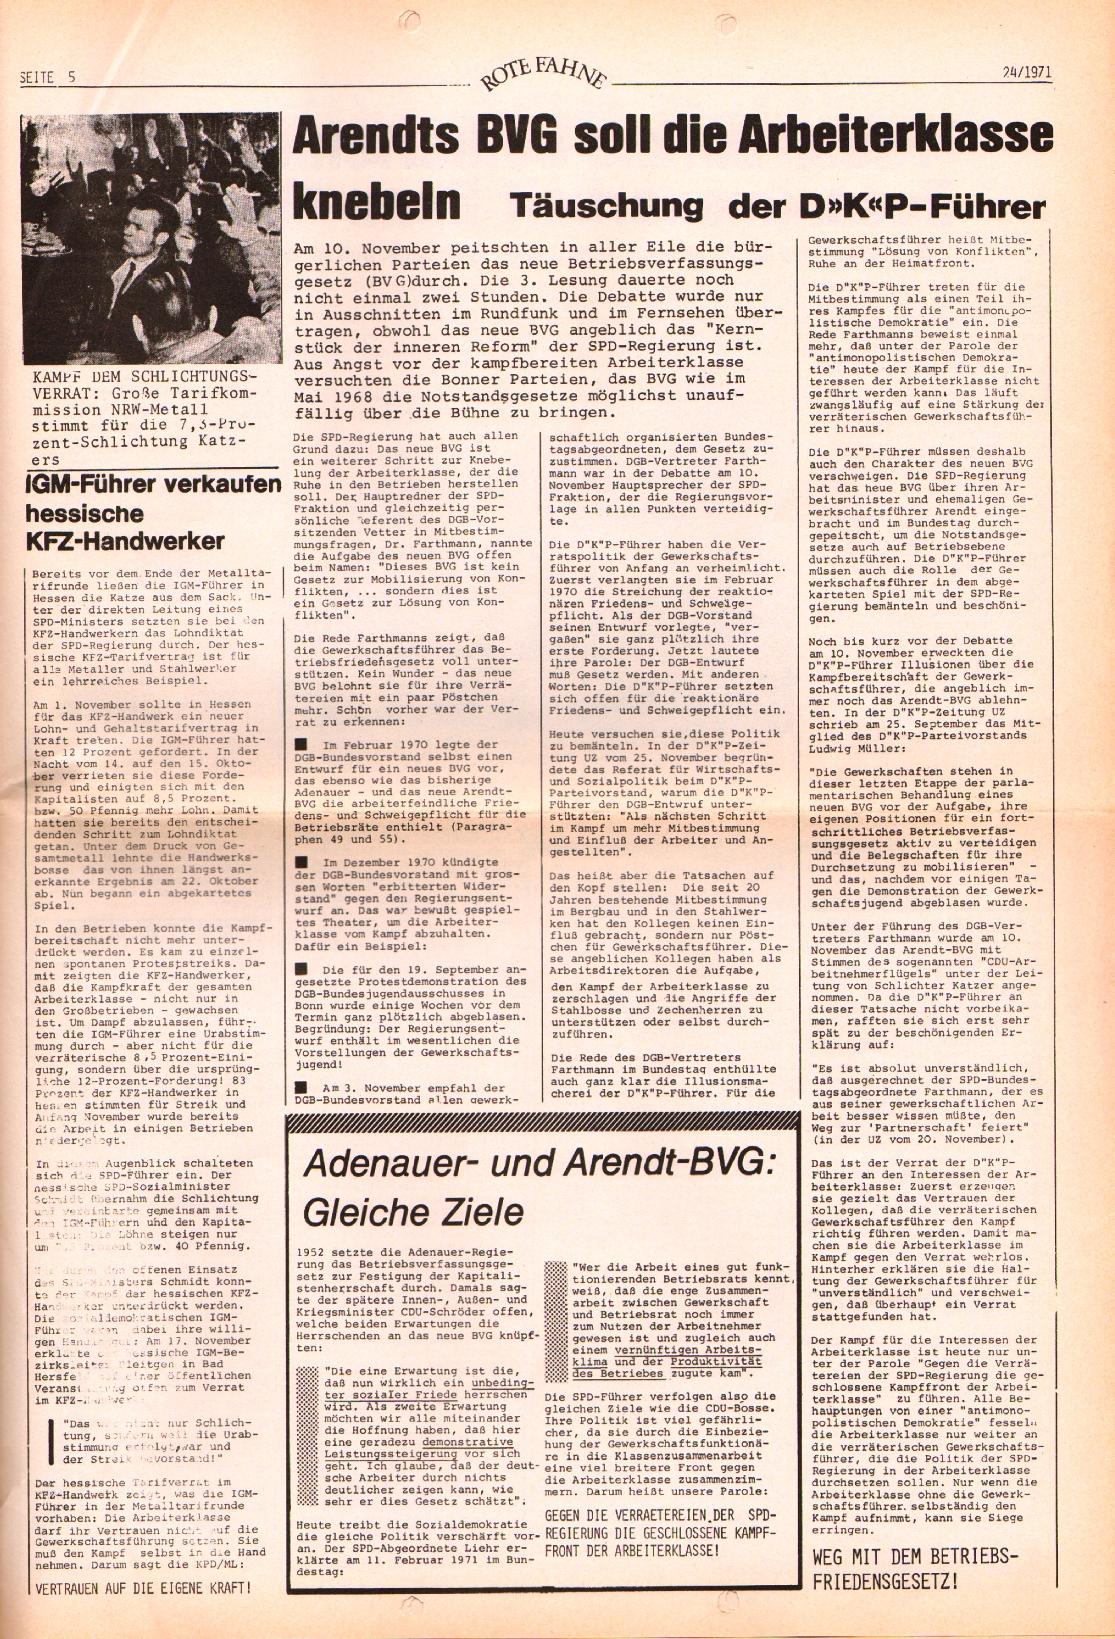 Rote Fahne, 2. Jg., 6.12.1971, Nr. 24, Seite 9